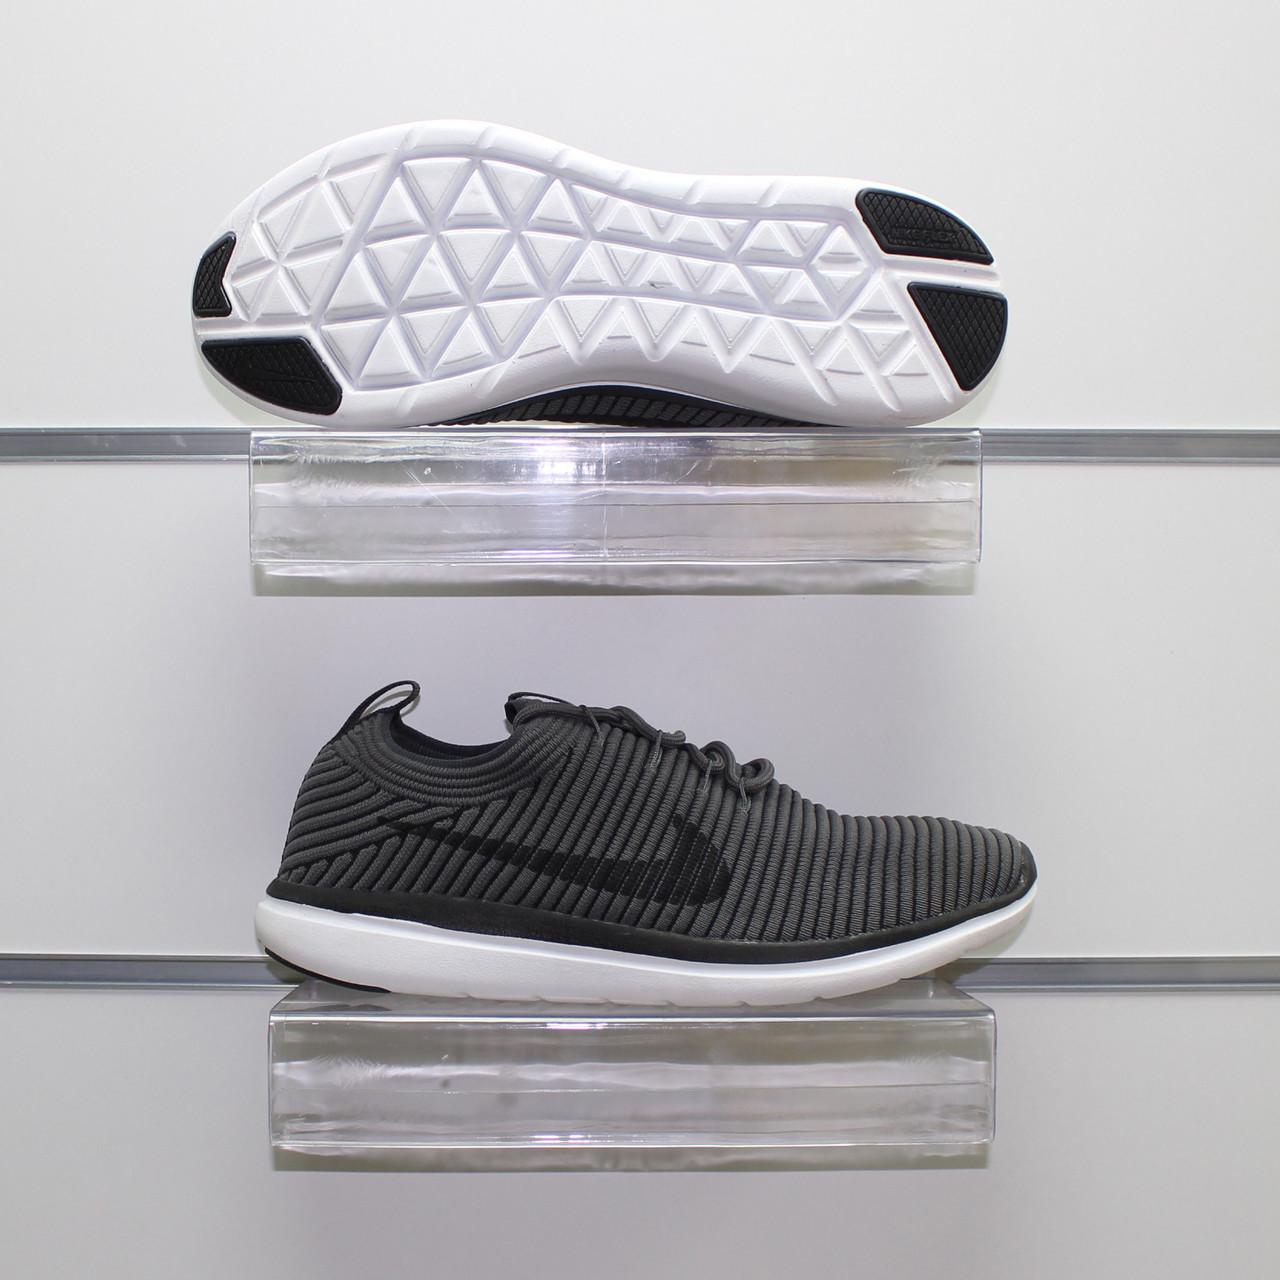 Мужские весенние кроссовки серые, текстиль Nike Flyknit G